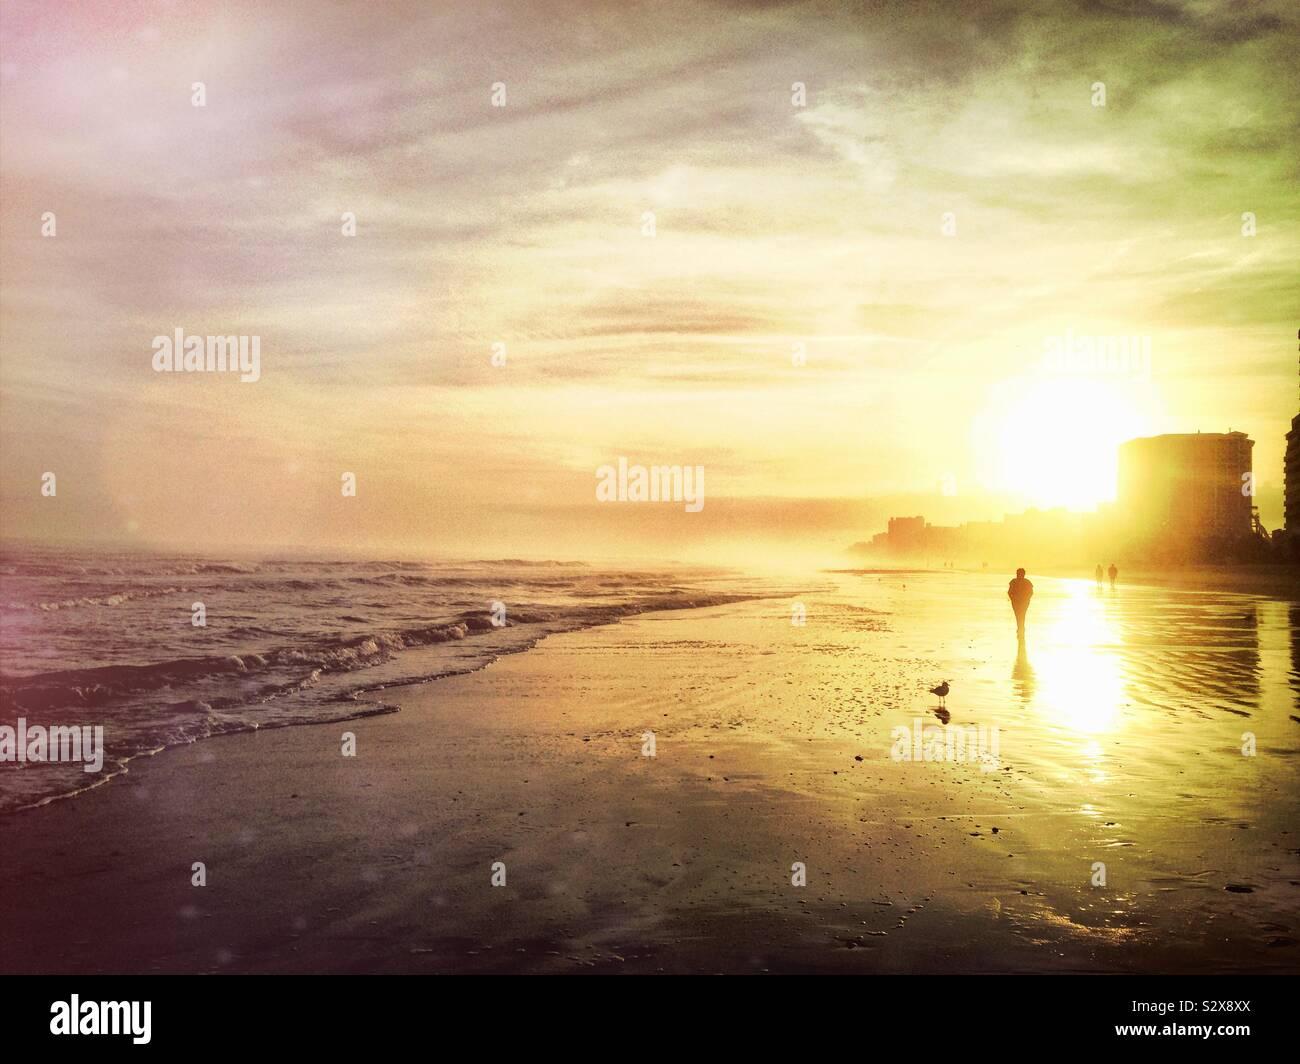 Les gens qui marchent sur la plage pendant le coucher du soleil à Myrtle Beach en Caroline du Sud. Banque D'Images